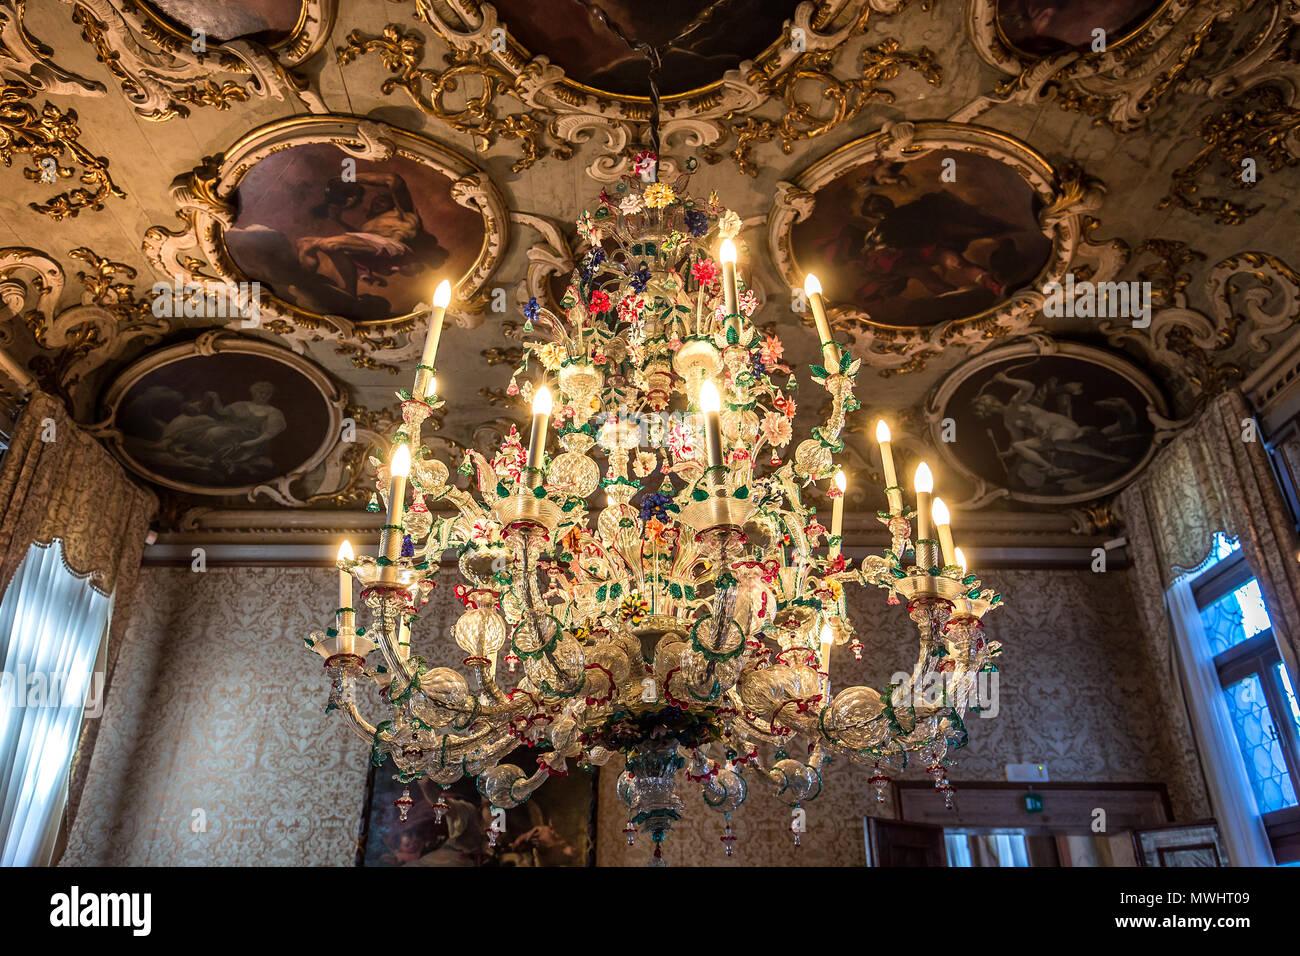 Lampadari Murano Ca Rezzonico.Venice Italy April 22 2018 Murano Chandelier In Of Ca